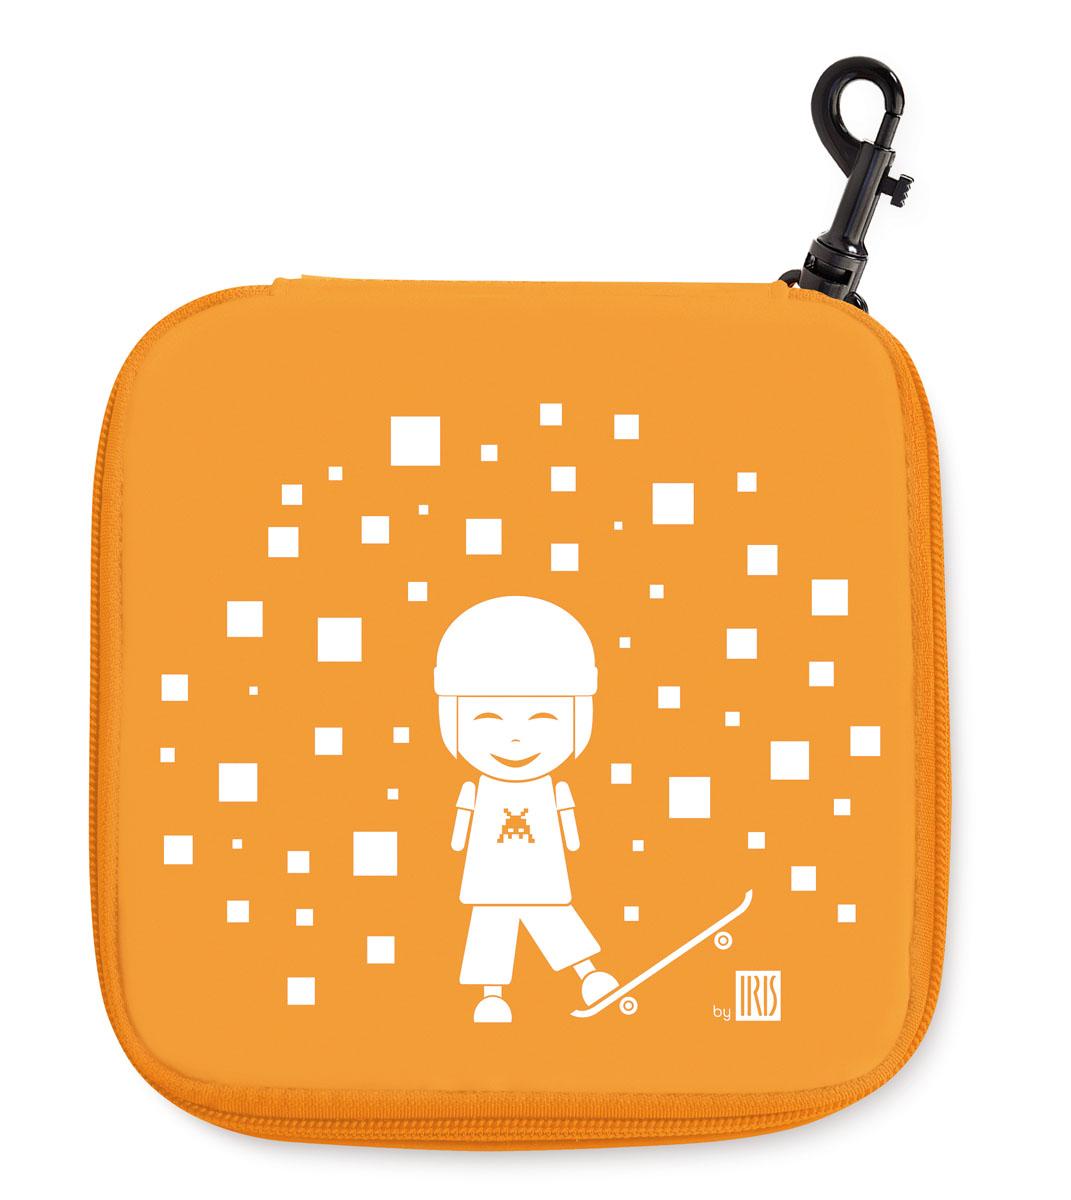 Термобутербродница Iris Barcelona Kids, цвет: оранжевый, 15 х 15 смАксион Т-33Термобутербродница Iris Barcelona Kids идеально подходит, чтобы взять ее в школу, на прогулку или в поездку. В течение нескольких часов сохранит еду свежей и вкусной благодаря специальному внутреннему покрытию из теплоизолирующего материала. Специальный фиксирующий поясок не позволит бутерброду распасться. Имеет внутренний карман для салфеток. Плотный материал стенок сохранит бутерброд от любых внешних воздействий и сохранит его форму. Можно написать имя и контактные данные владельца. Безопасный пластмассовый карабин позволит легко пристегнуть бутербродницу к ранцу или сумке.Заменяет все одноразовые упаковки. При бережном использовании прослужит не один год.